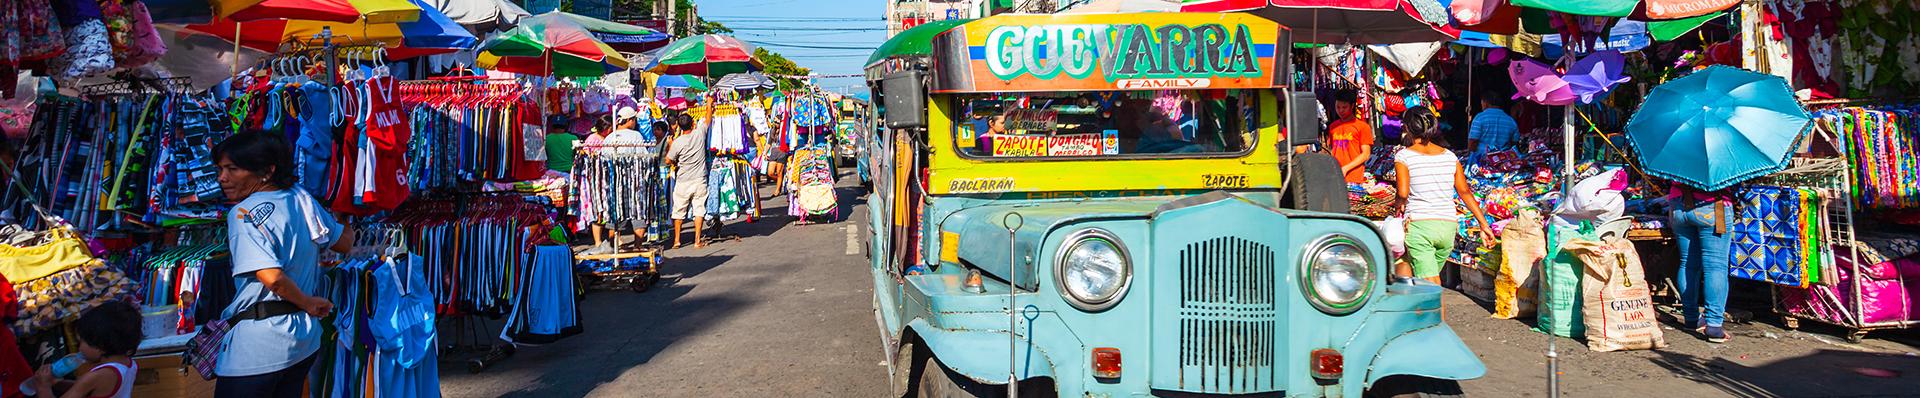 Jeepneys, a popular form of transportation in Manila, Phillipines